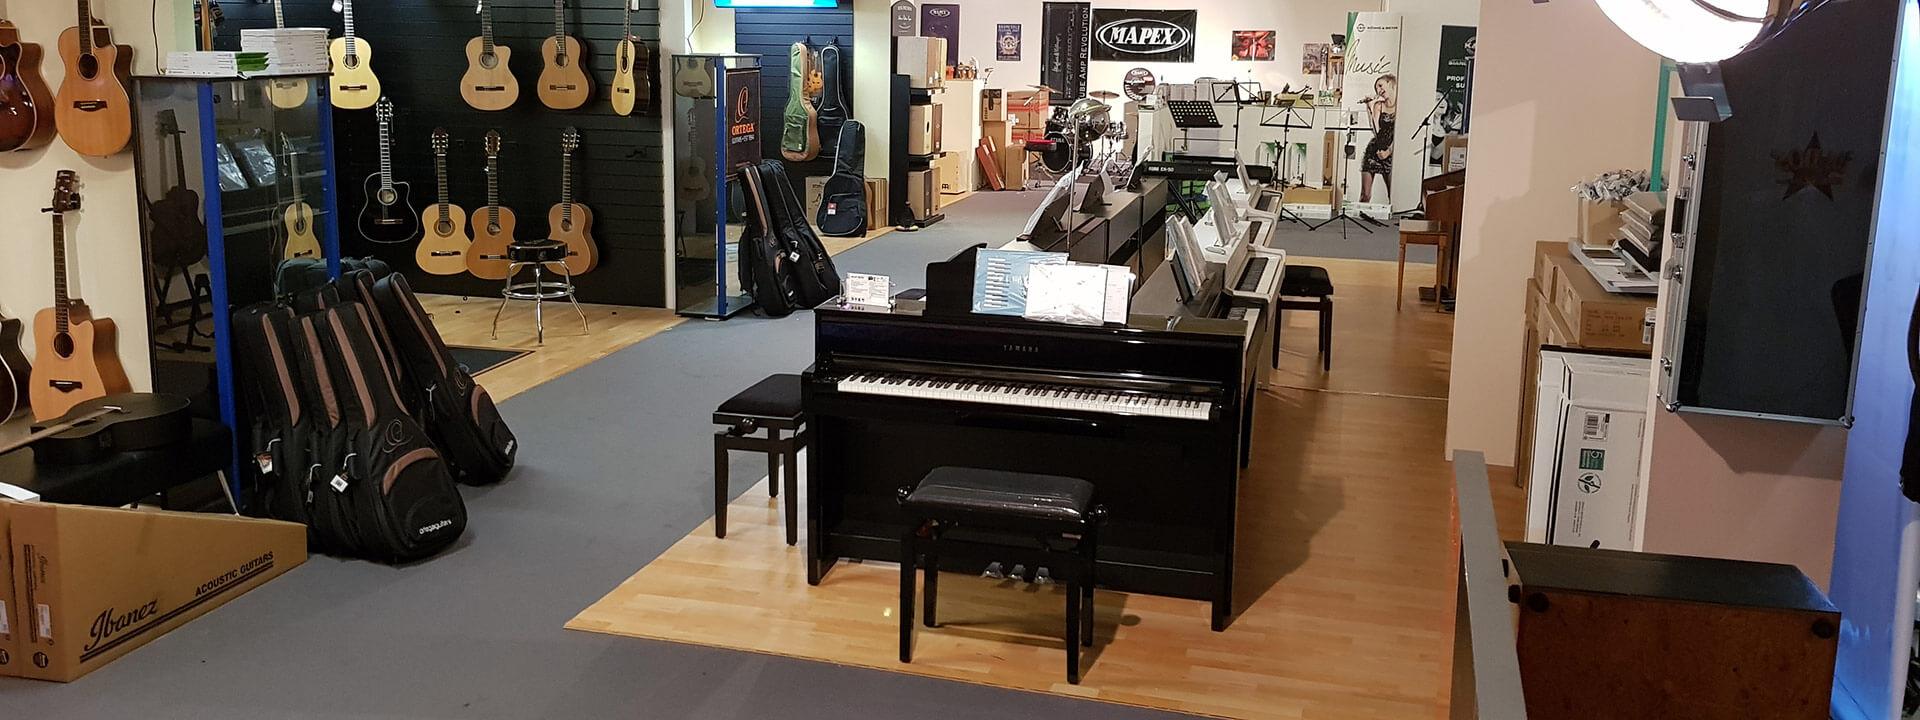 MCP piano kaufen amberg